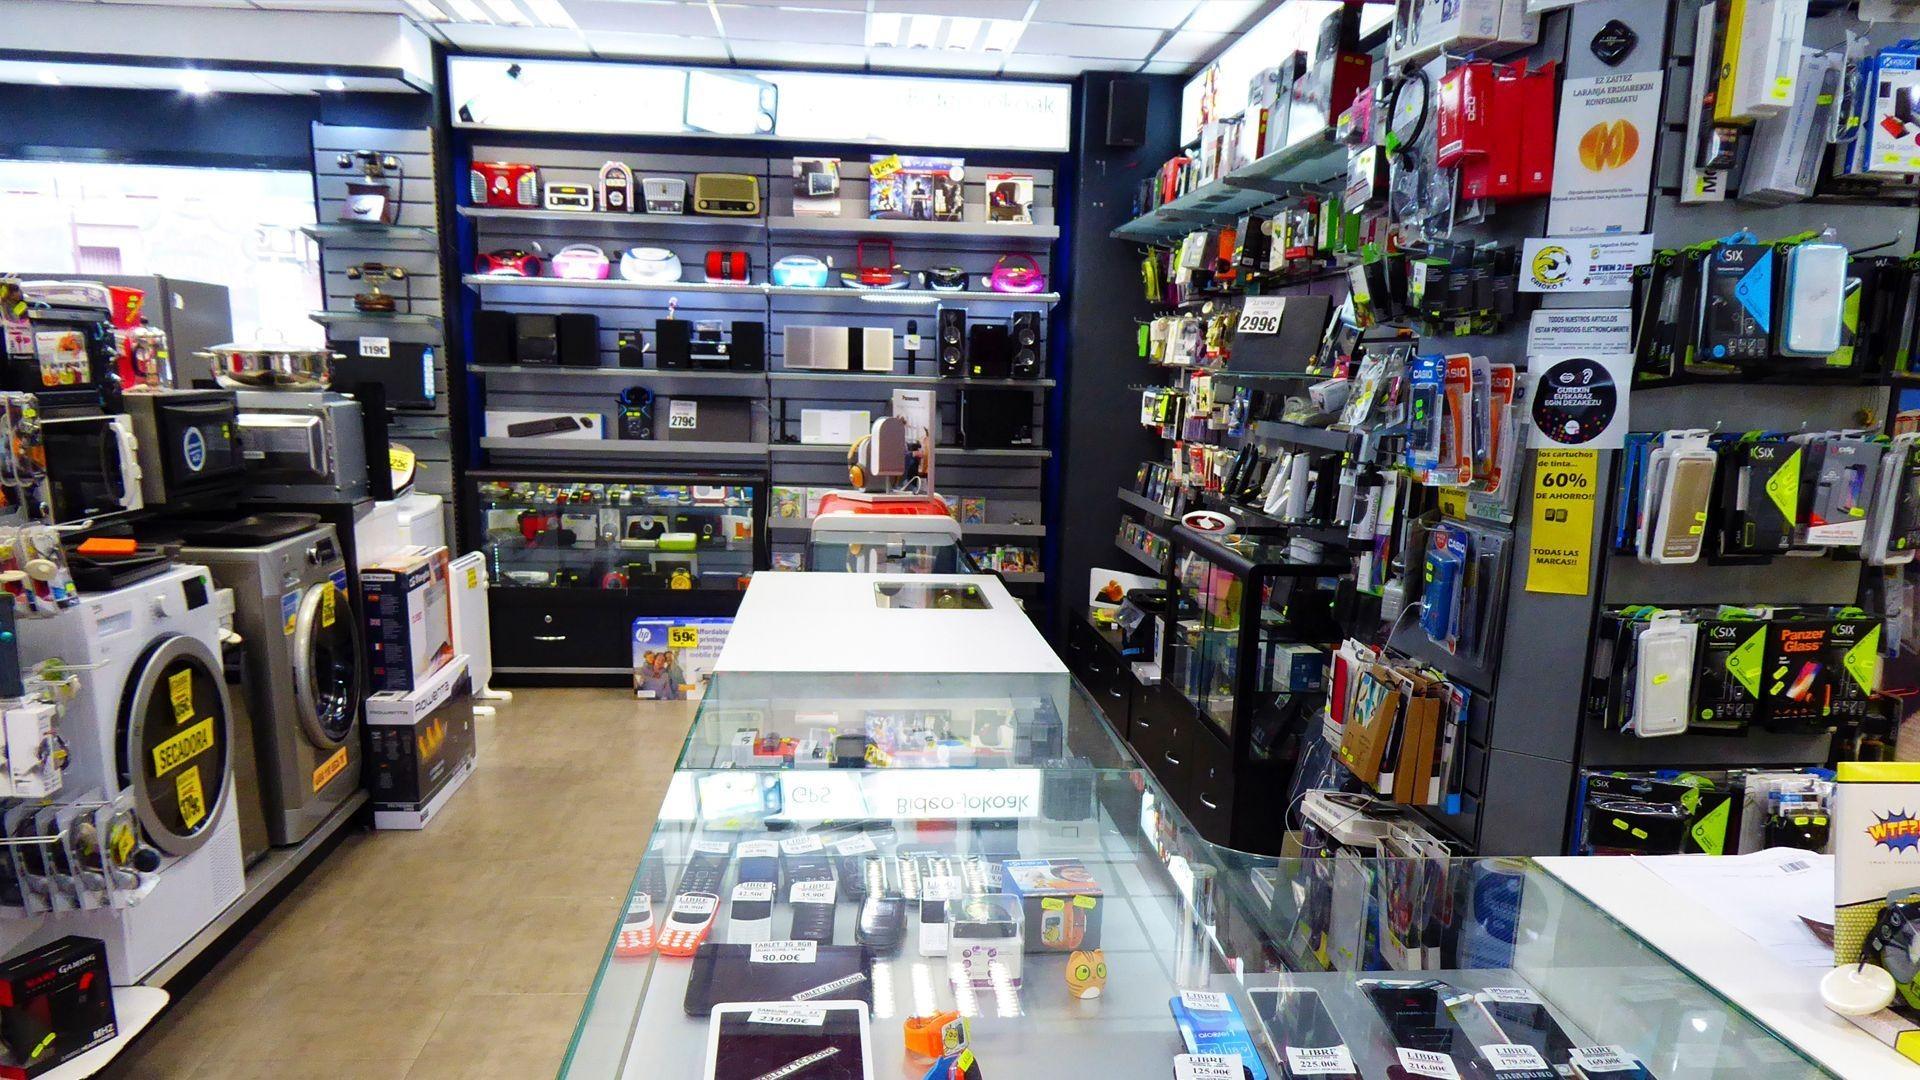 Tienda de electrodomésticos de todas las marcas en Orio